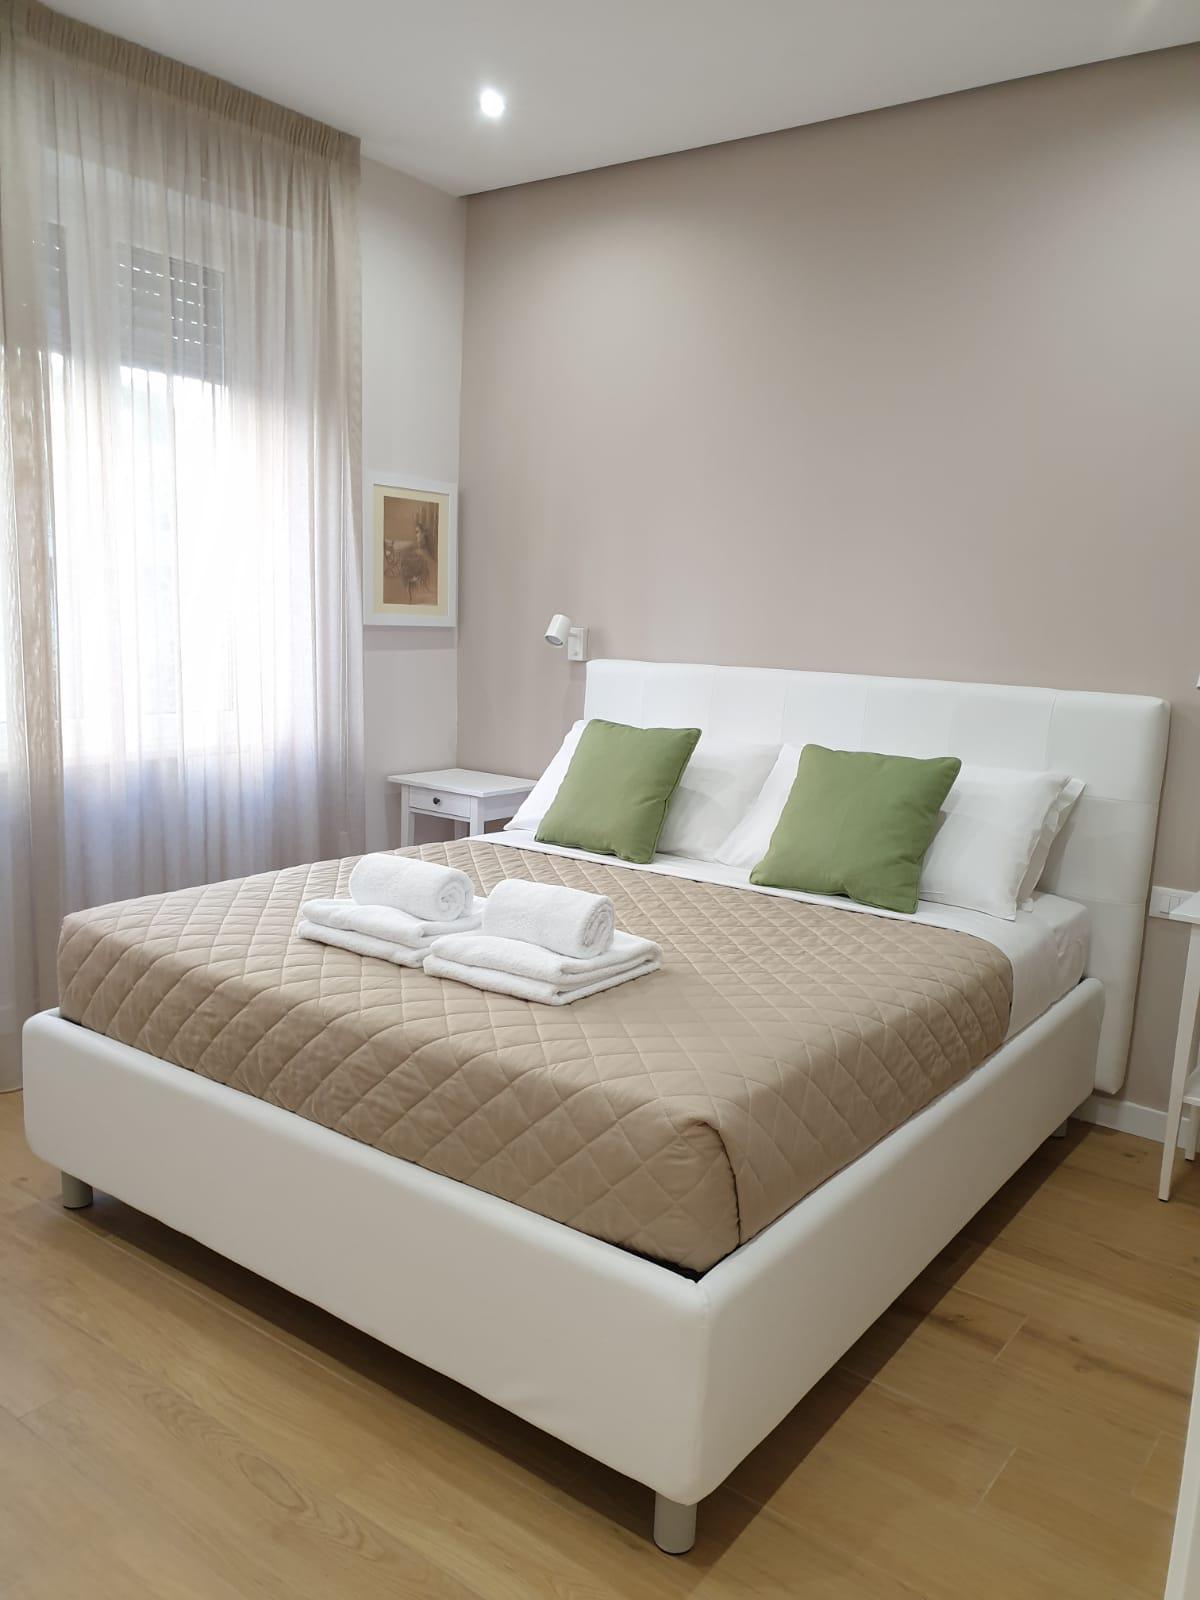 Casa (appartamento) per vacanza o in affitto a breve termine a Roma